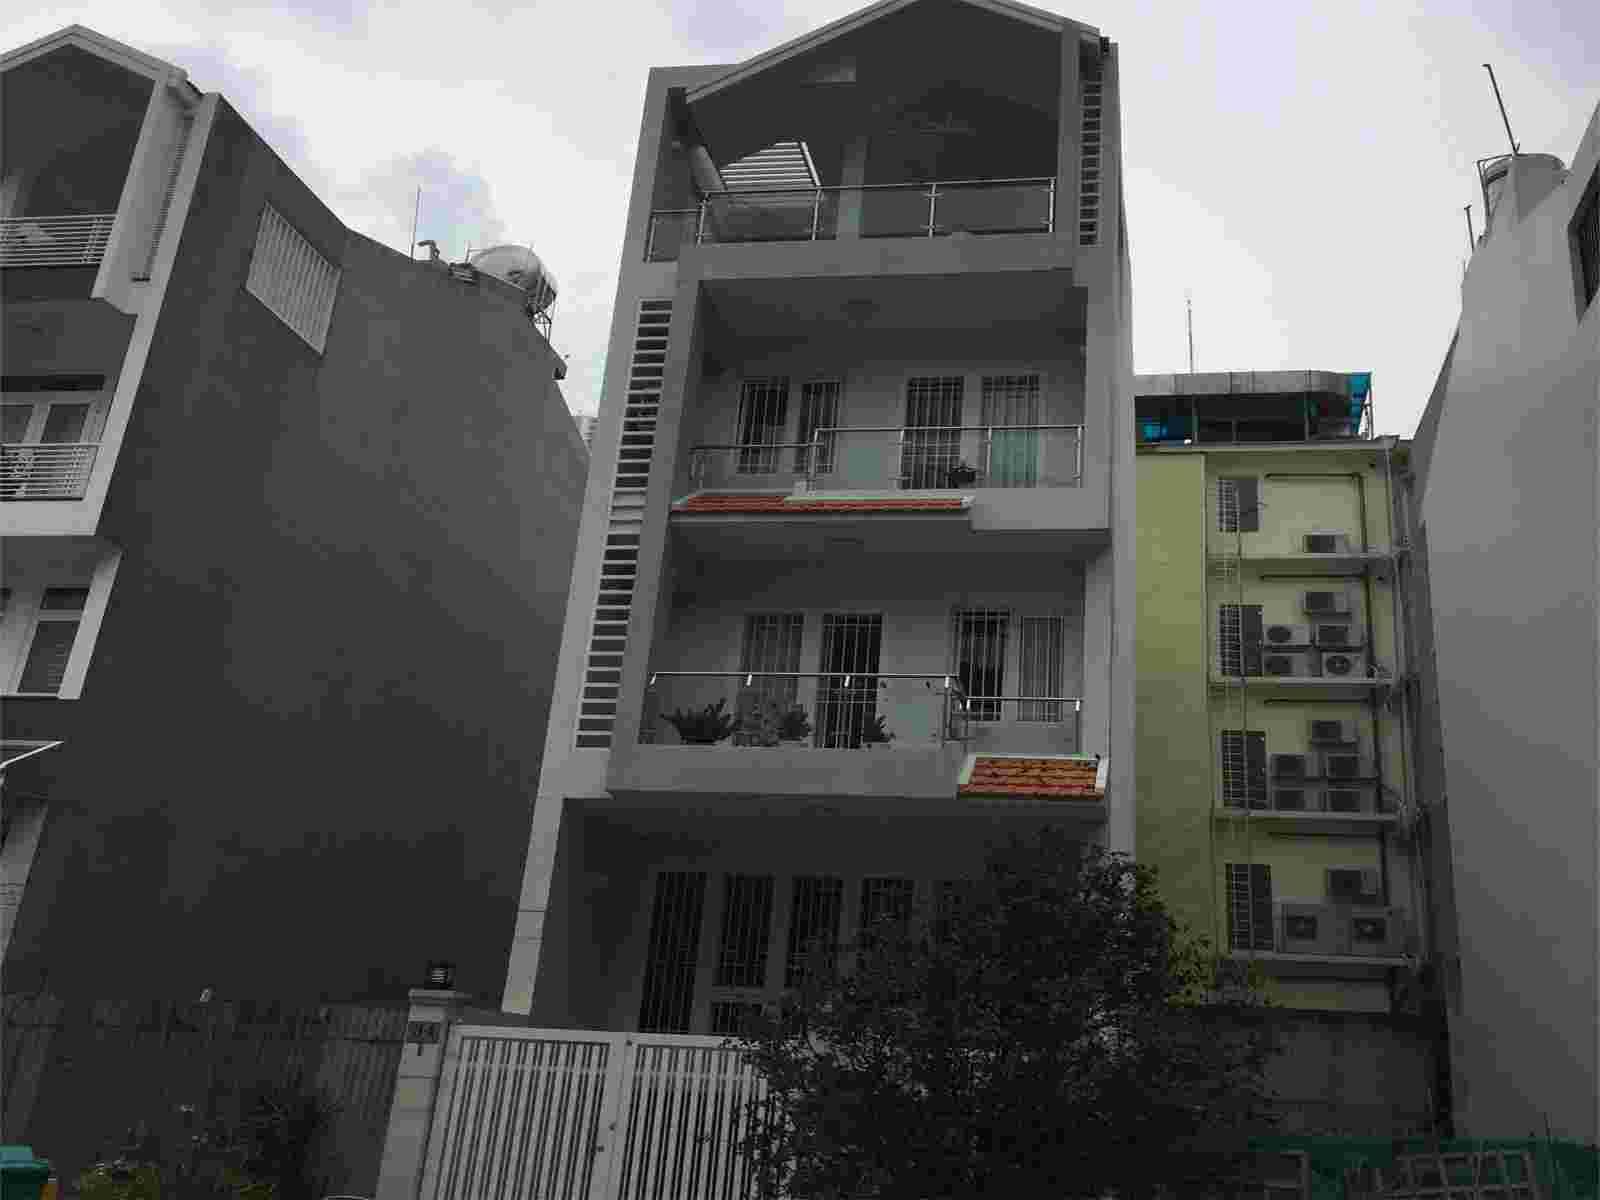 Bán nhà phố Him Lam Kênh Tẻ giá rẻ, nhà lô P43 giá 20.5 tỷ, vị trí đẹp, gần công viên. LH: 0913.050.053  Mr Huynh.